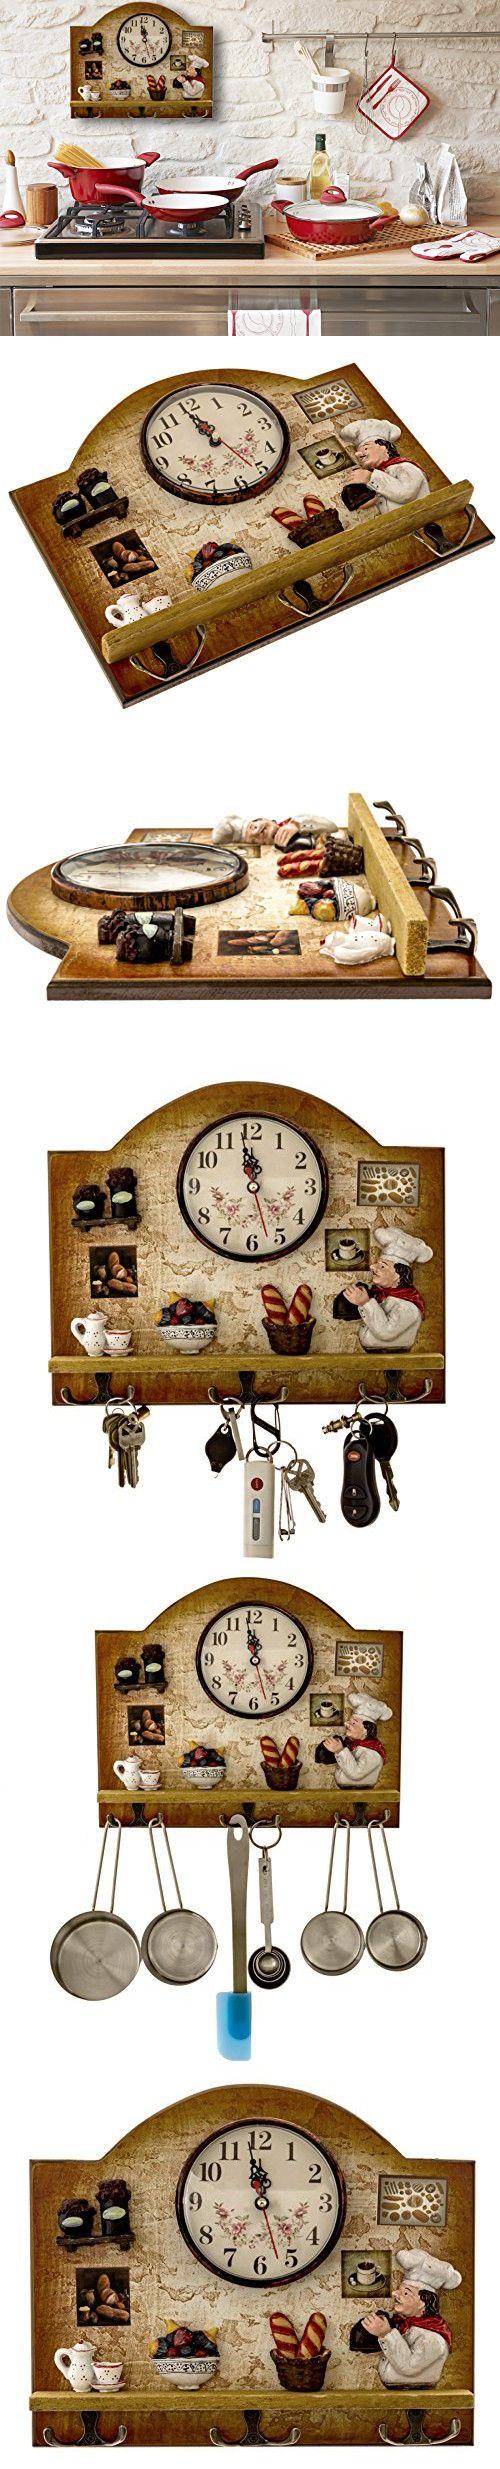 Fat chef kitchen decor sets - Heartful Home Fat Italian Chef Kitchen Decor Clock With Hooks Unique Idea For A Wedding